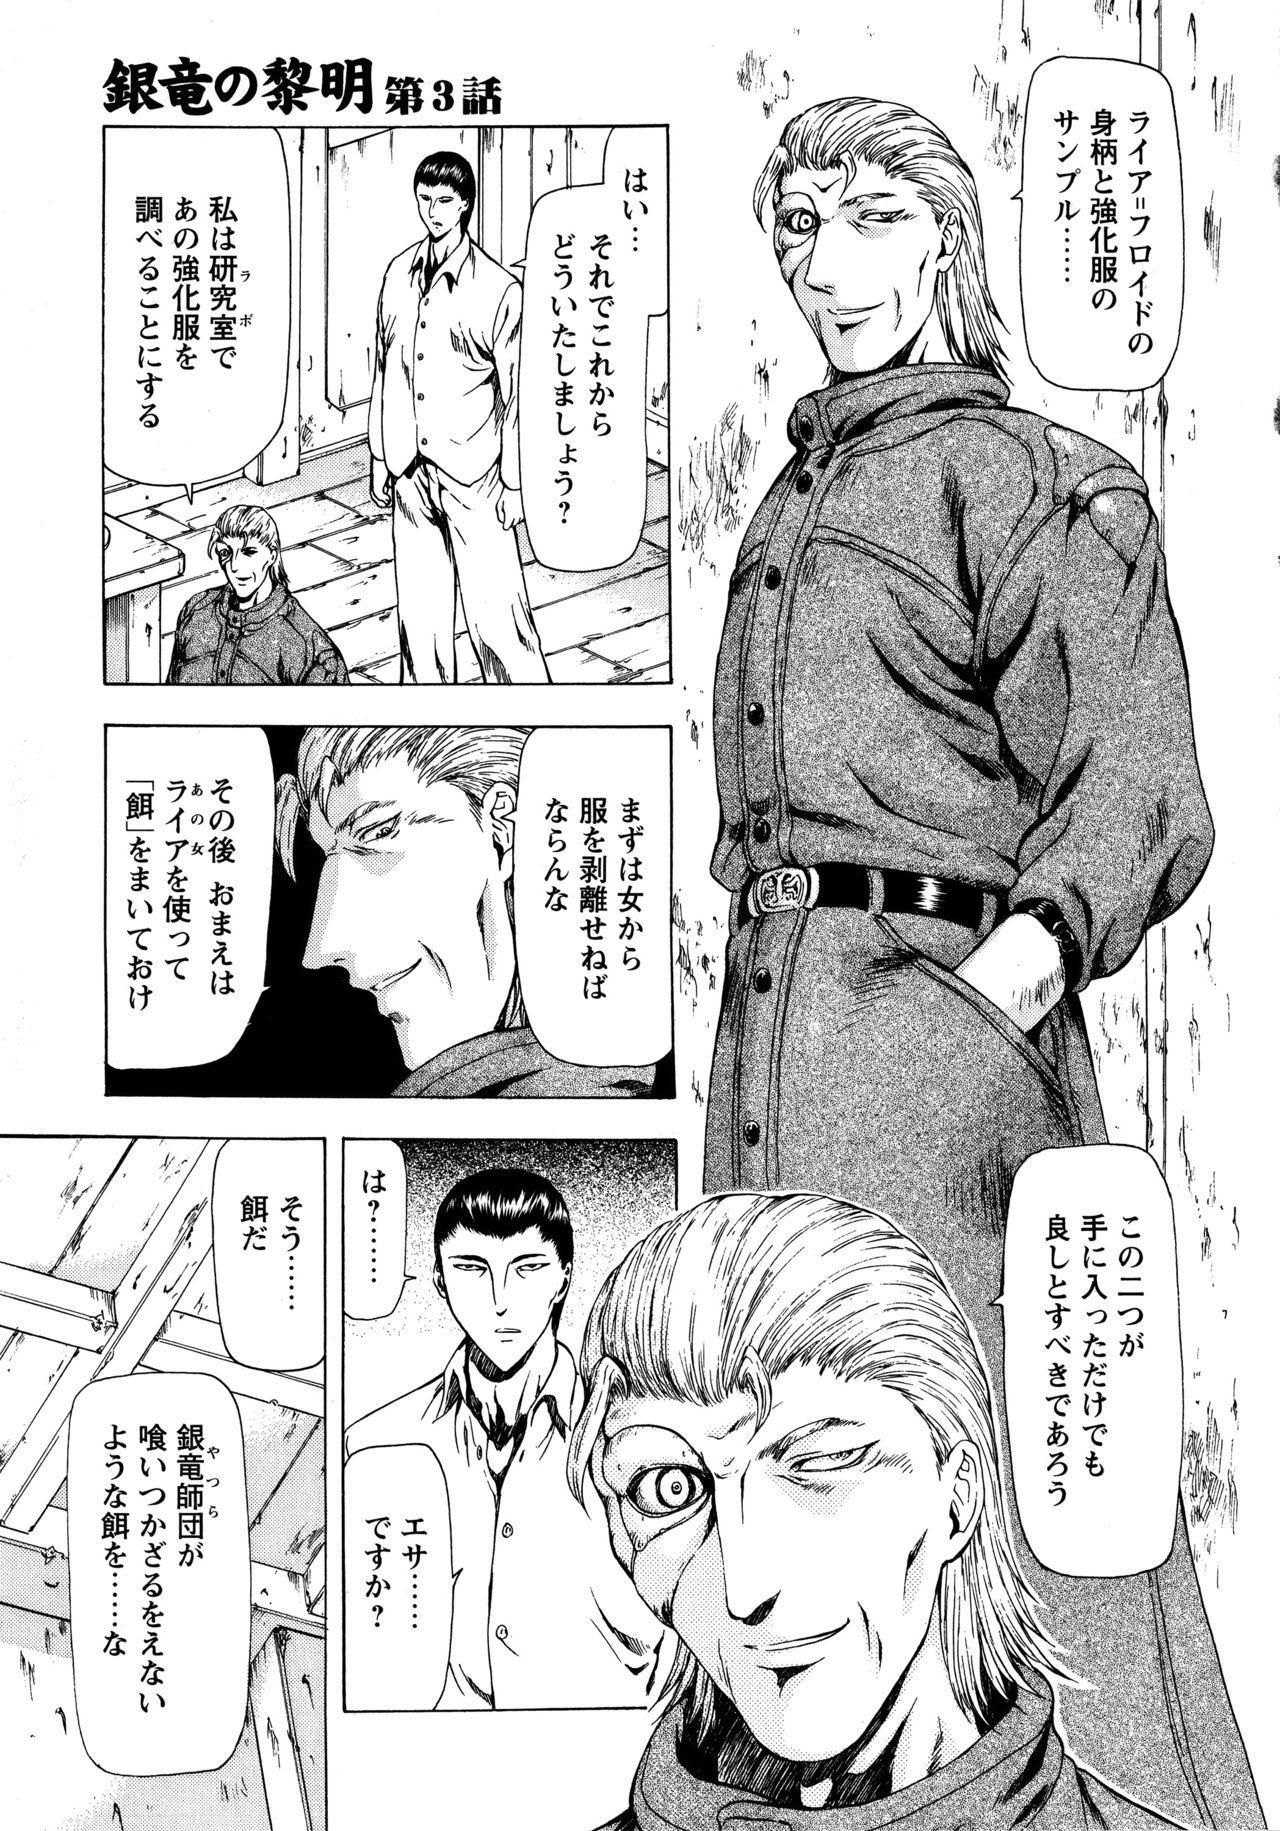 Ginryuu no Reimei Vol. 1 64